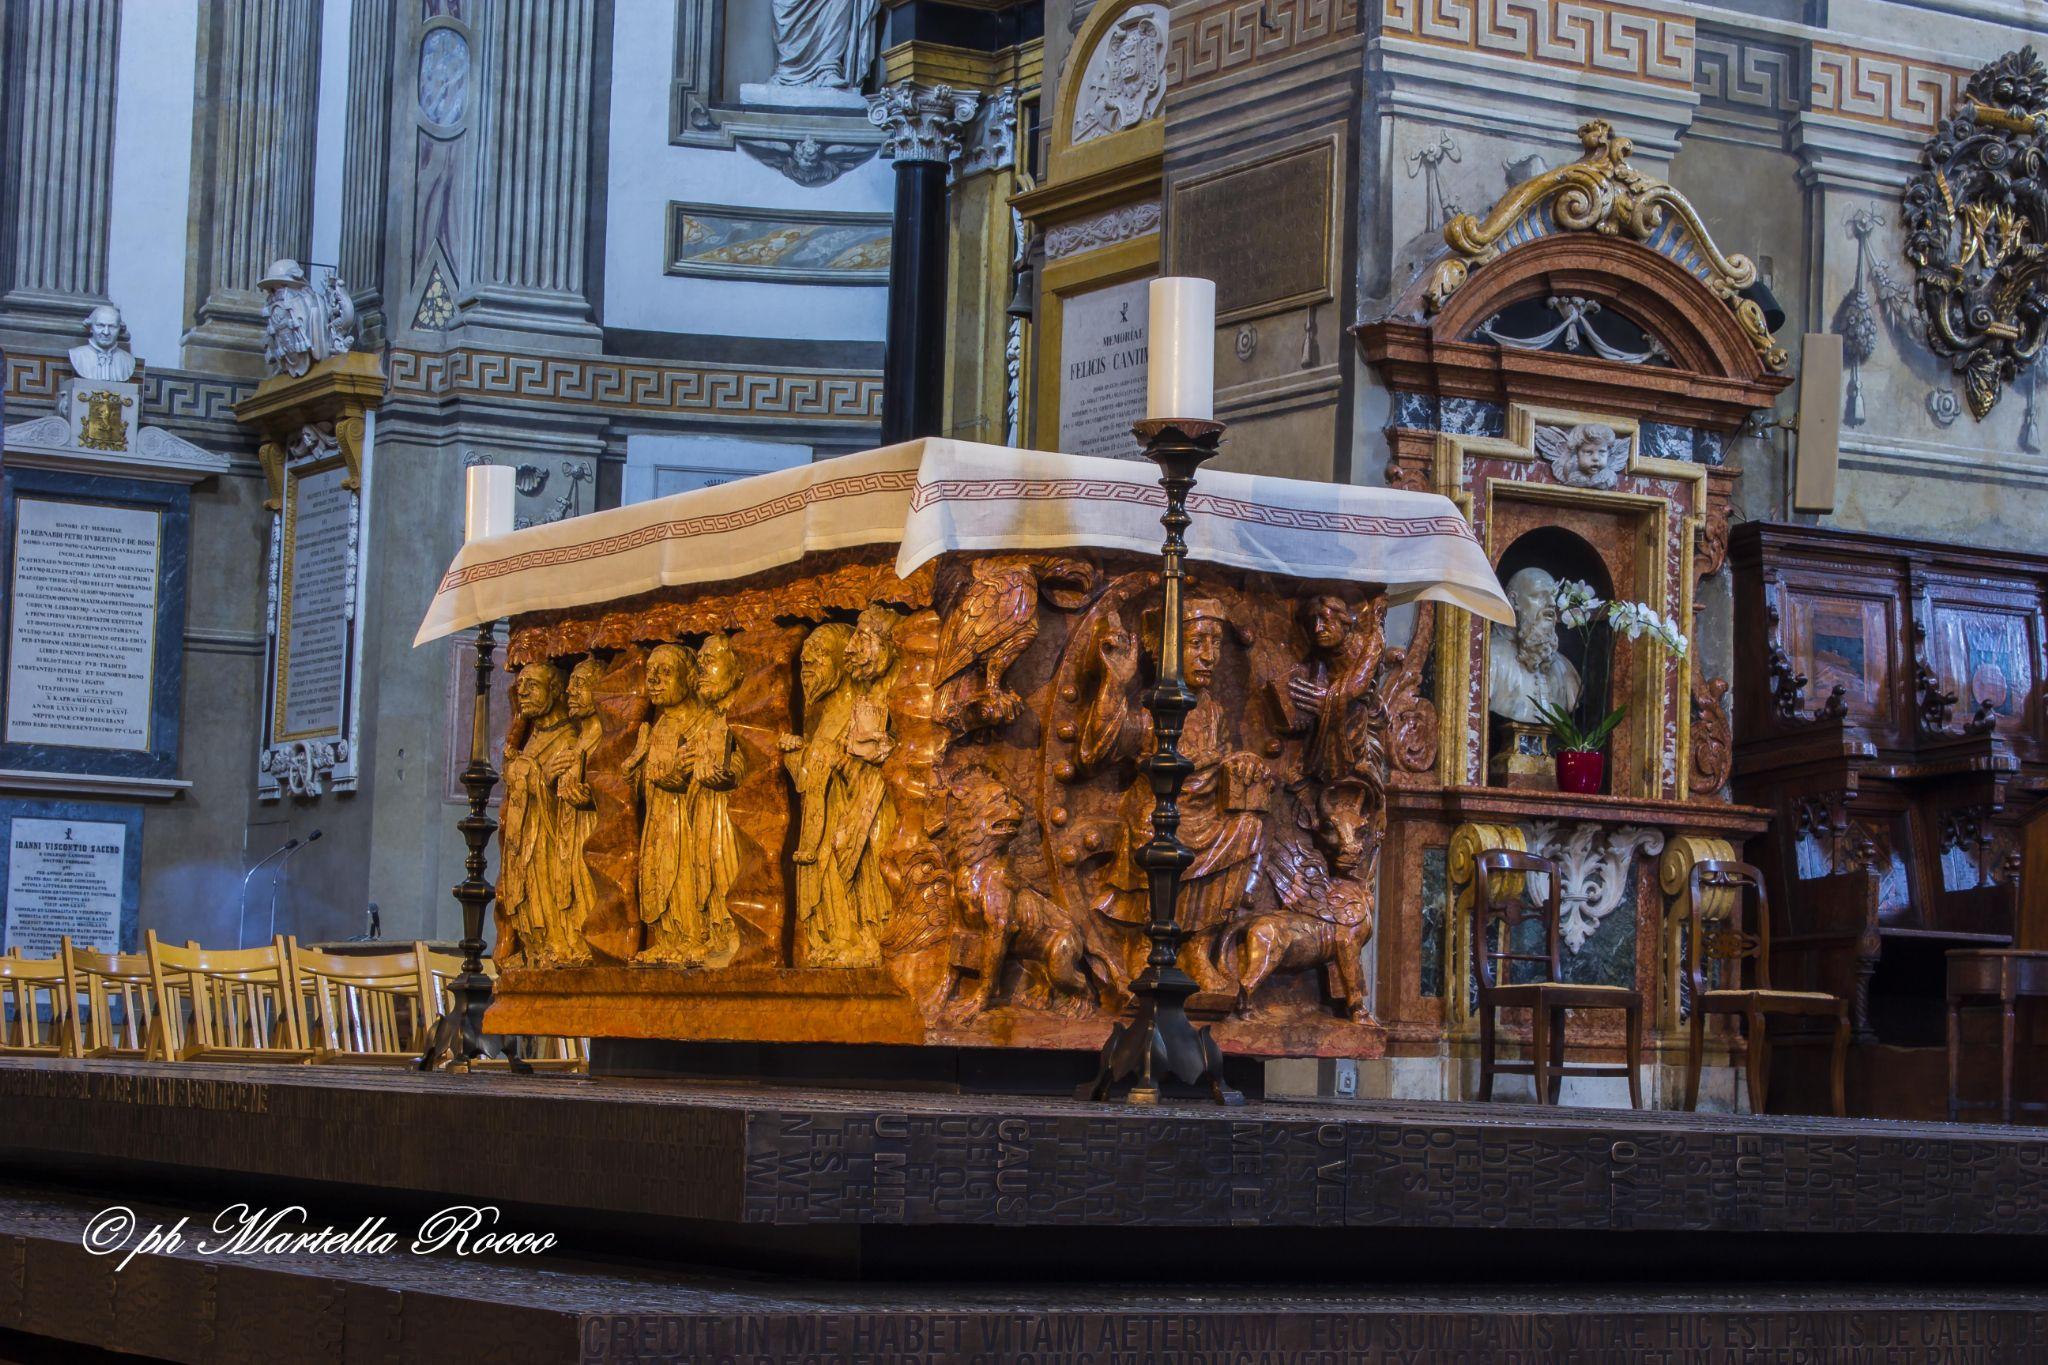 Cattedrale di santa Maria Assunta Parma by PhotoM.R.60D